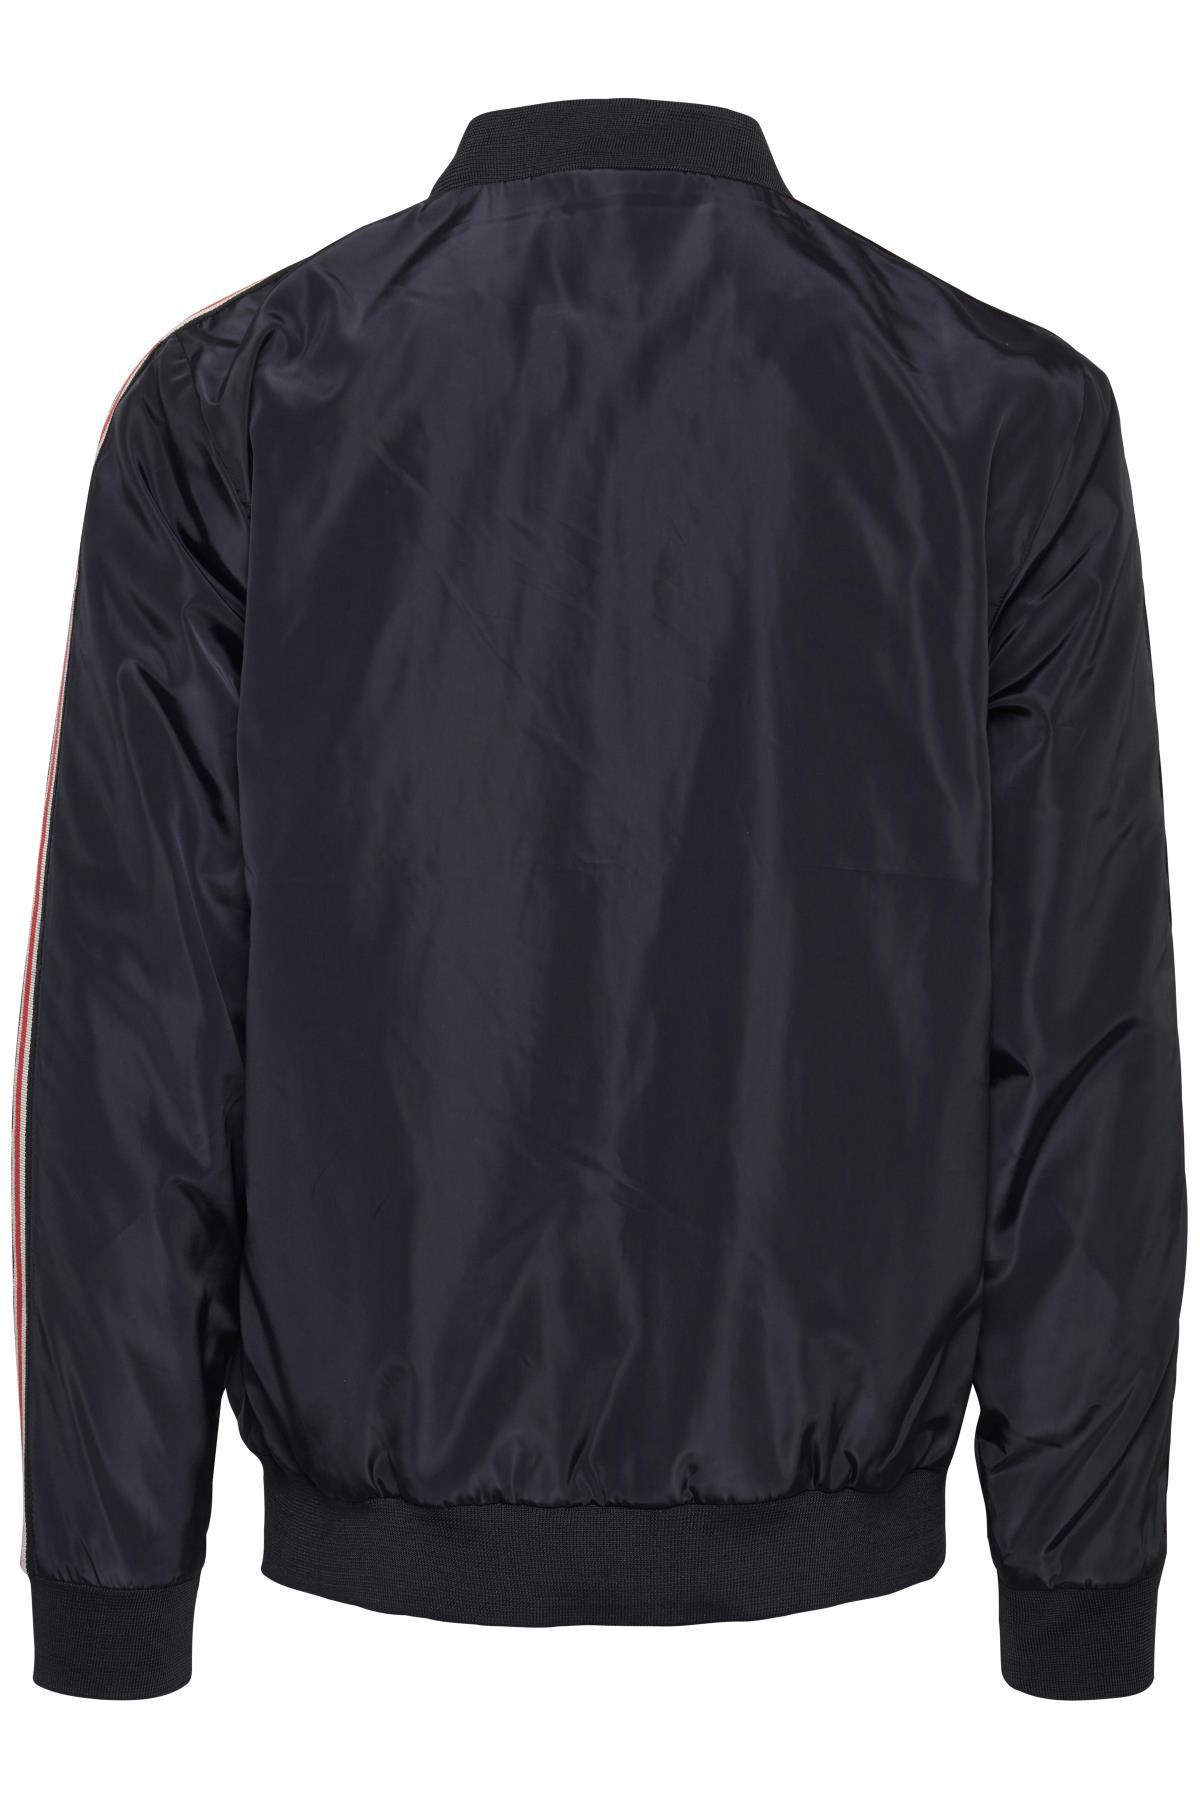 Dark Navy Blue Overtøj – Køb Dark Navy Blue Overtøj fra str. S-3XL her